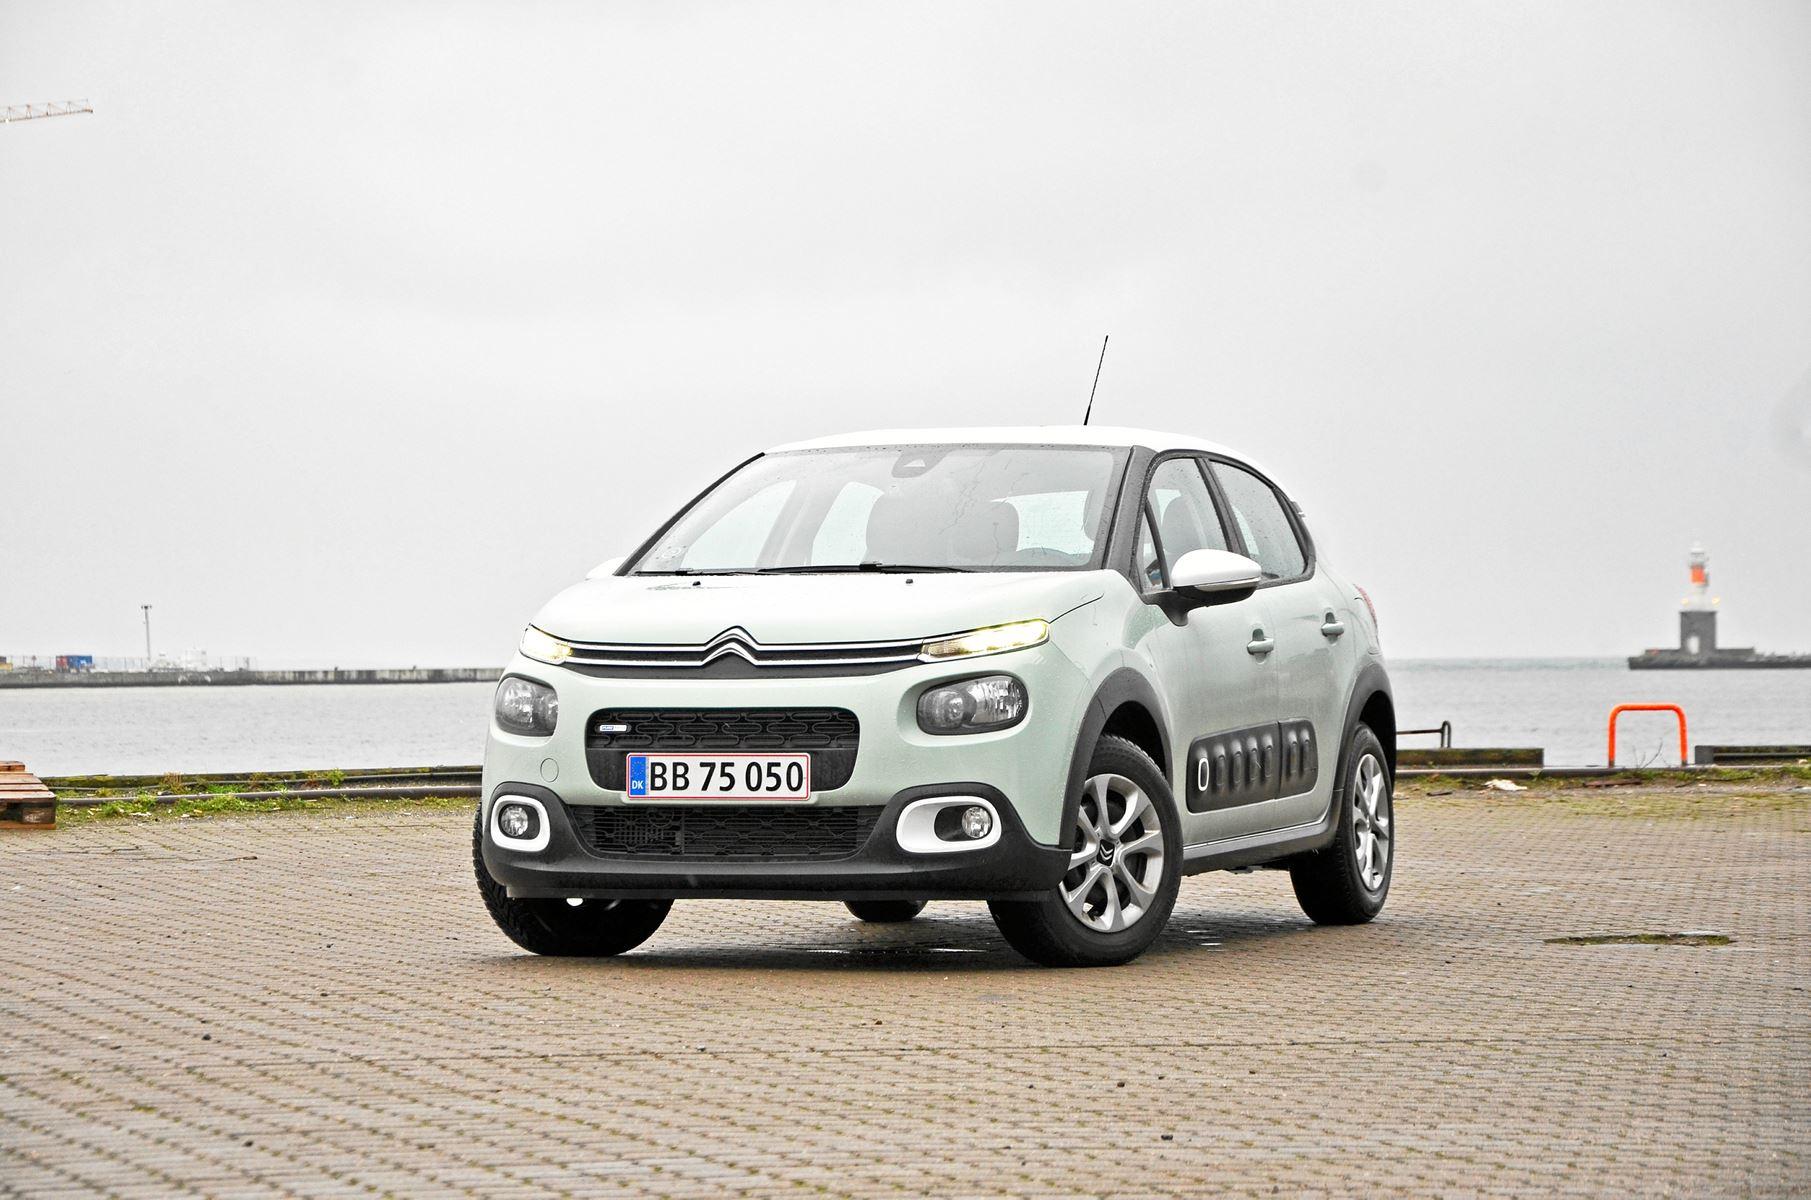 På kun to år er salget af høje biler gået fra en markedsandel på 12 pct. til 25 pct. i april, hvor Peugeots populære 208-model vendte tilbage til førstepladsen